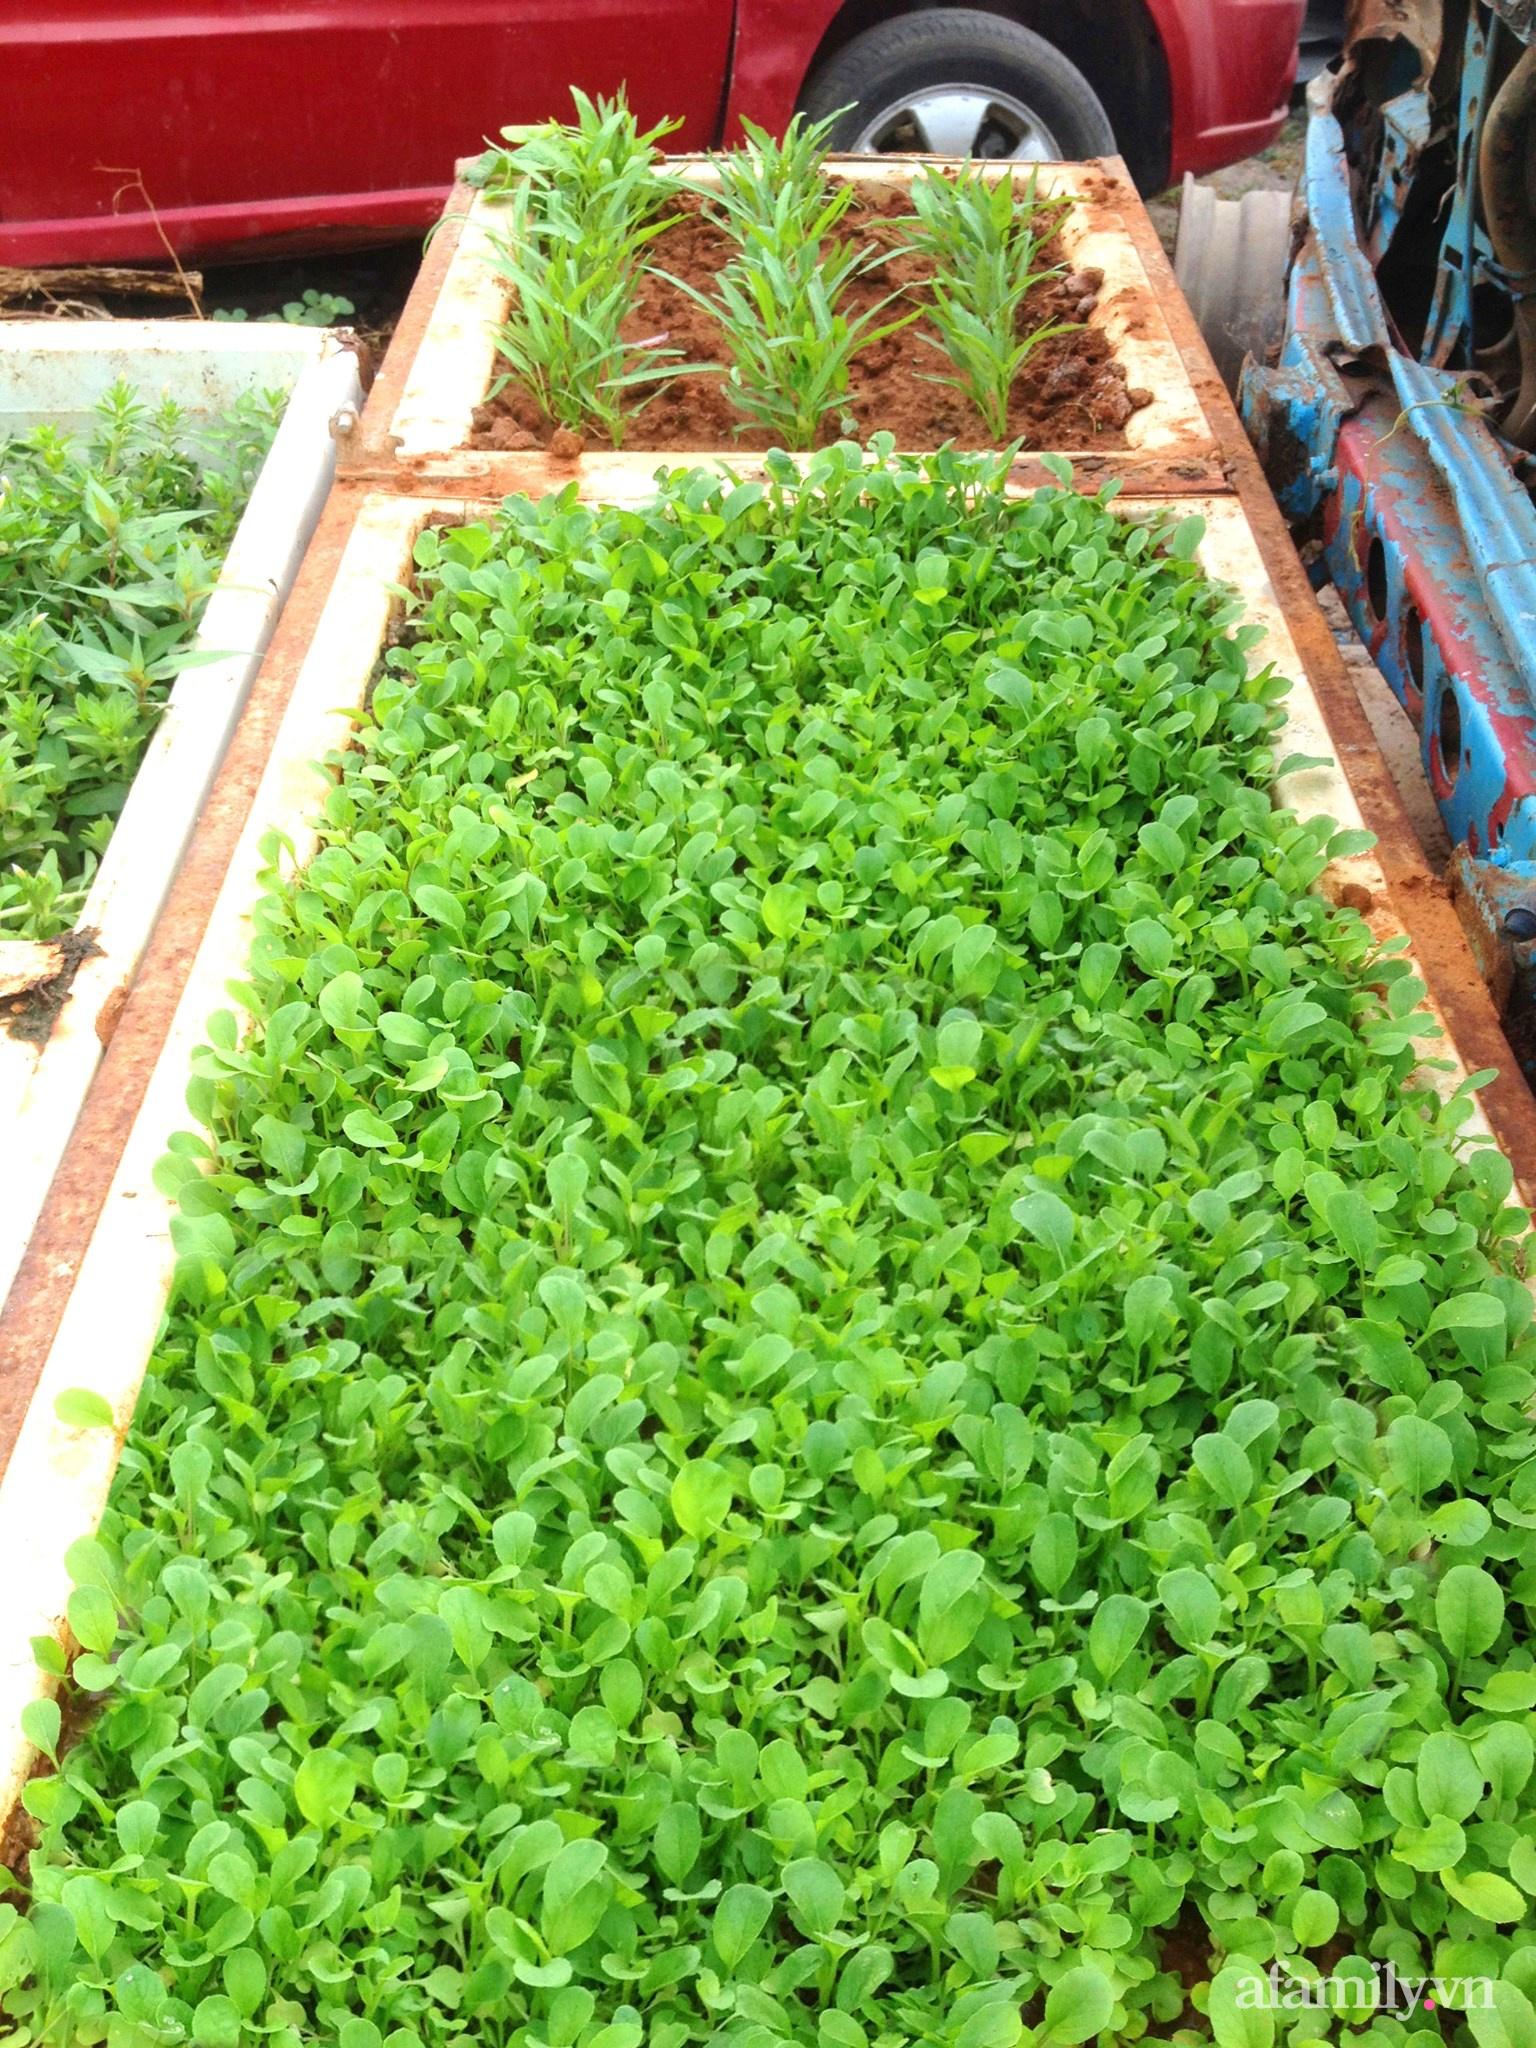 Vườn rau trước cửa xanh mát tốt tươi đủ loại của chàng trai Việt ở châu Phi - Ảnh 14.